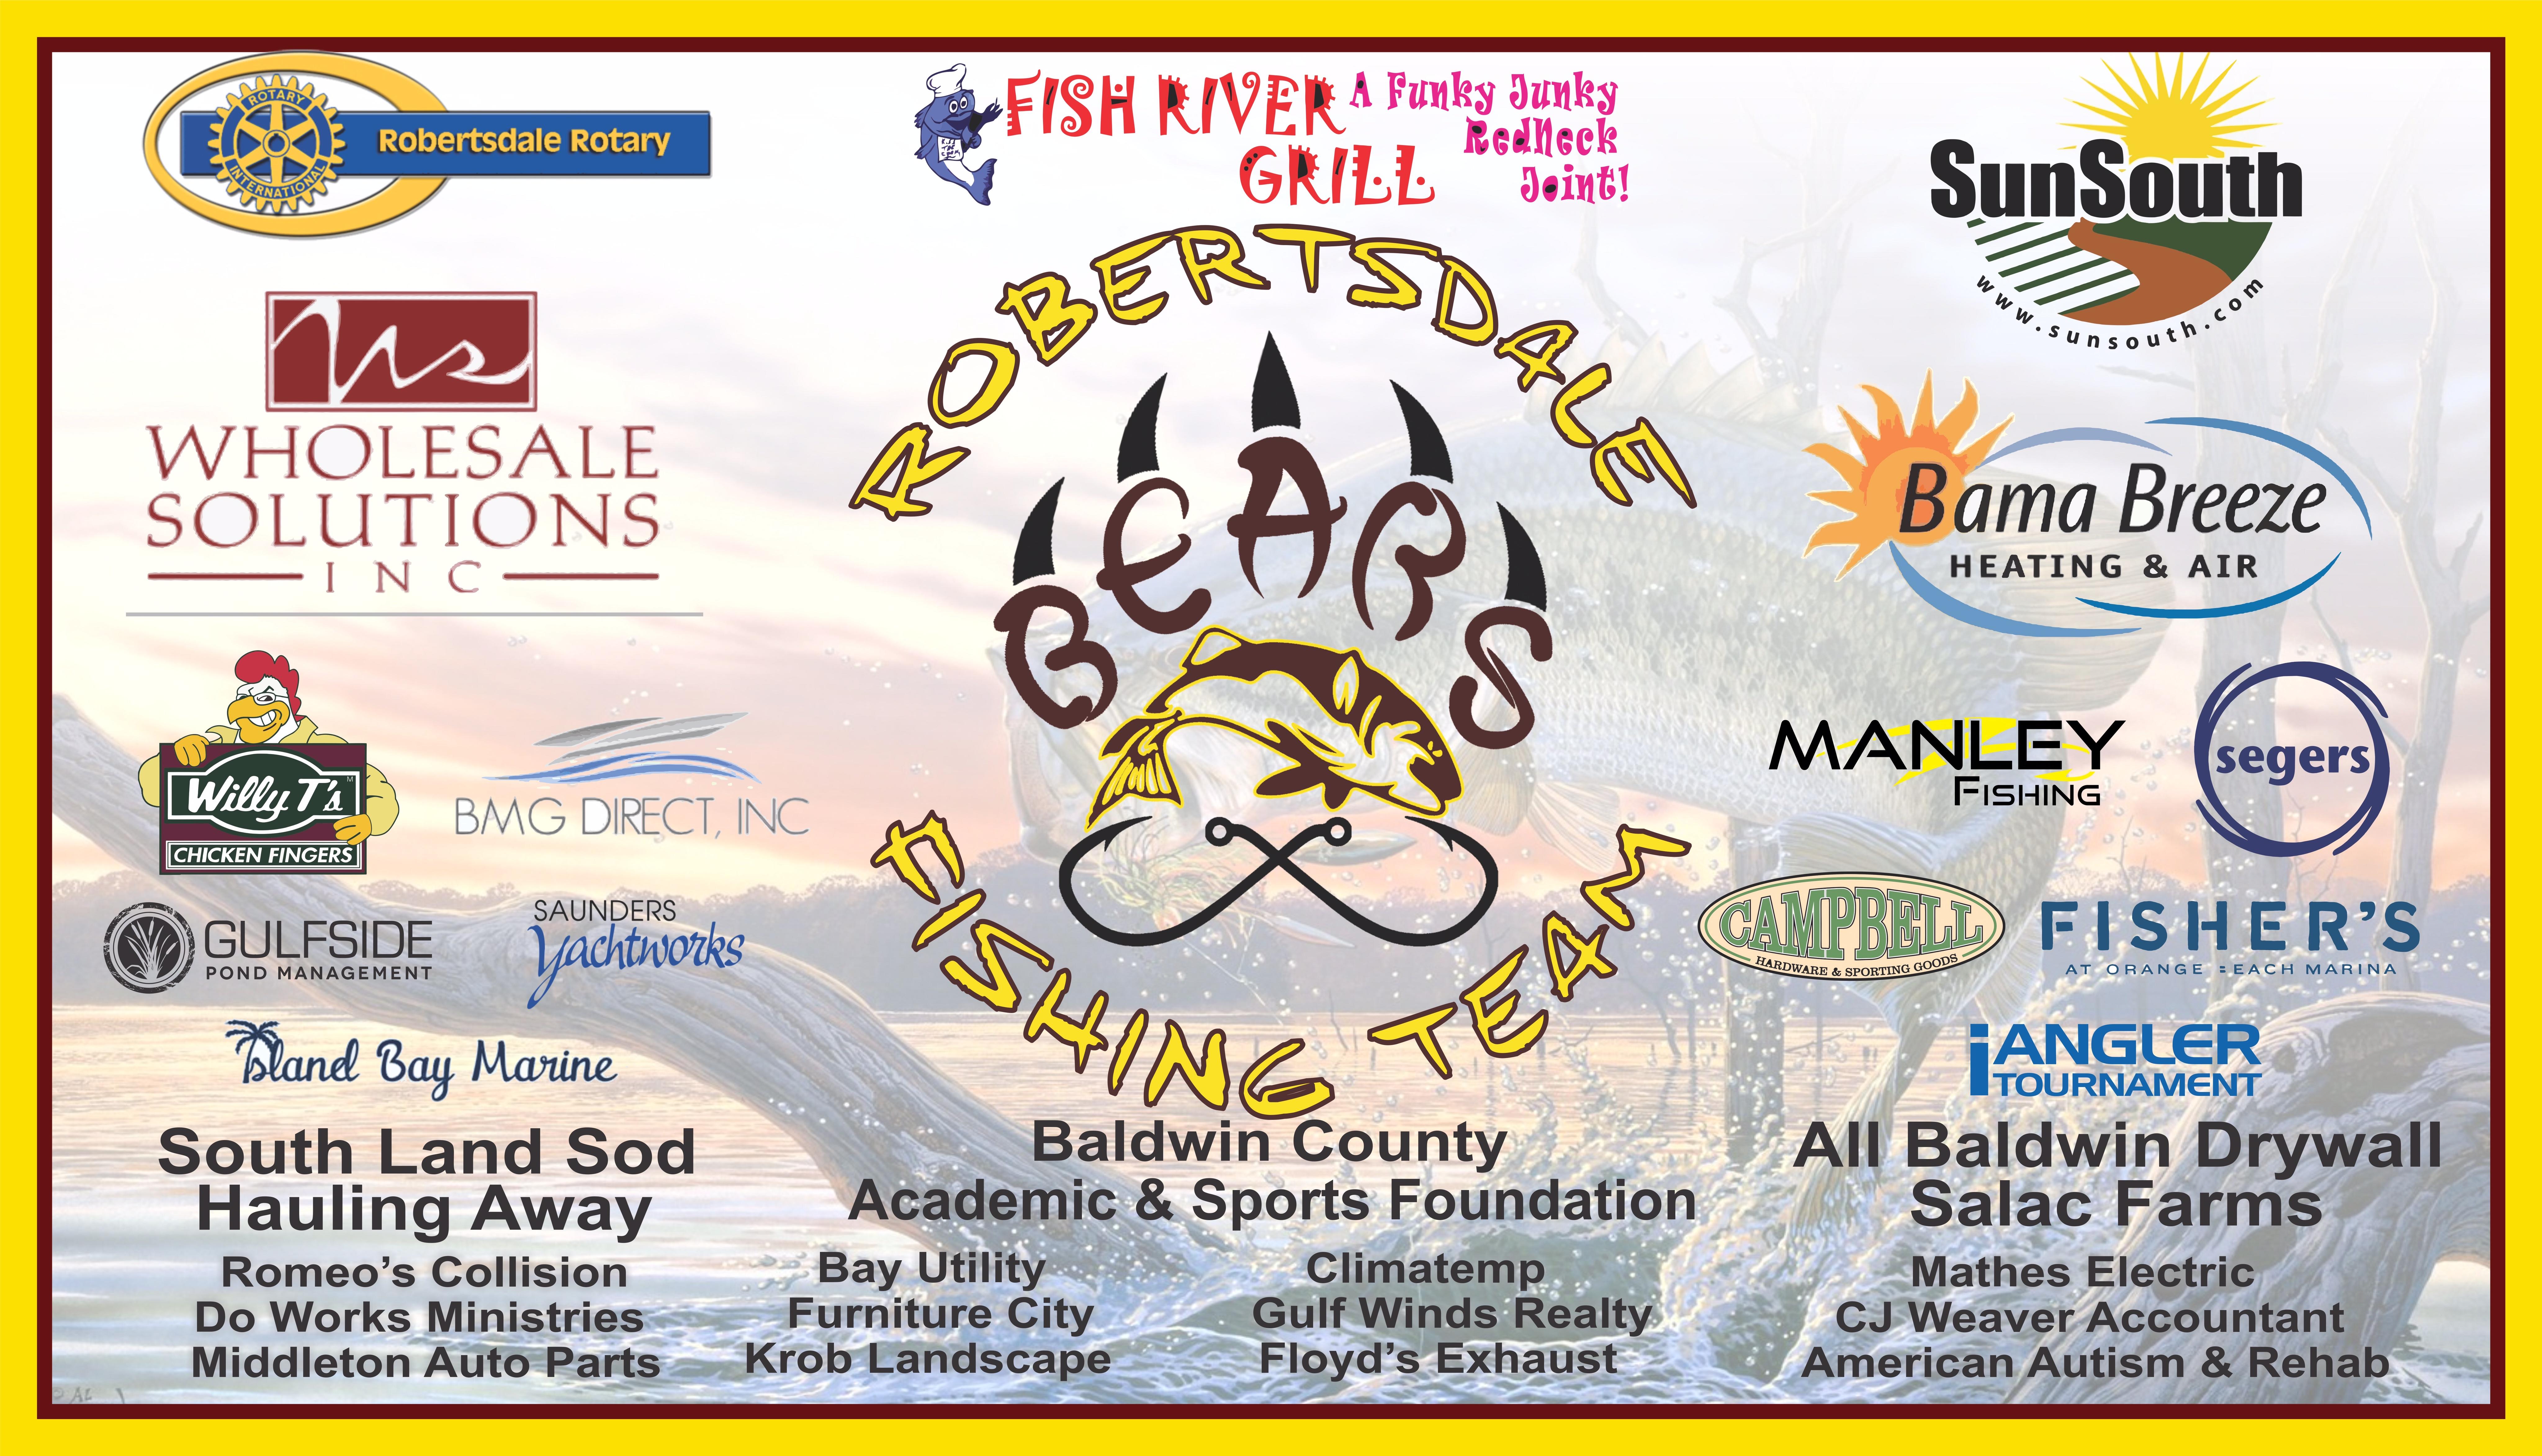 Robertsdale HS Fishing Team - 2017 Sponsors